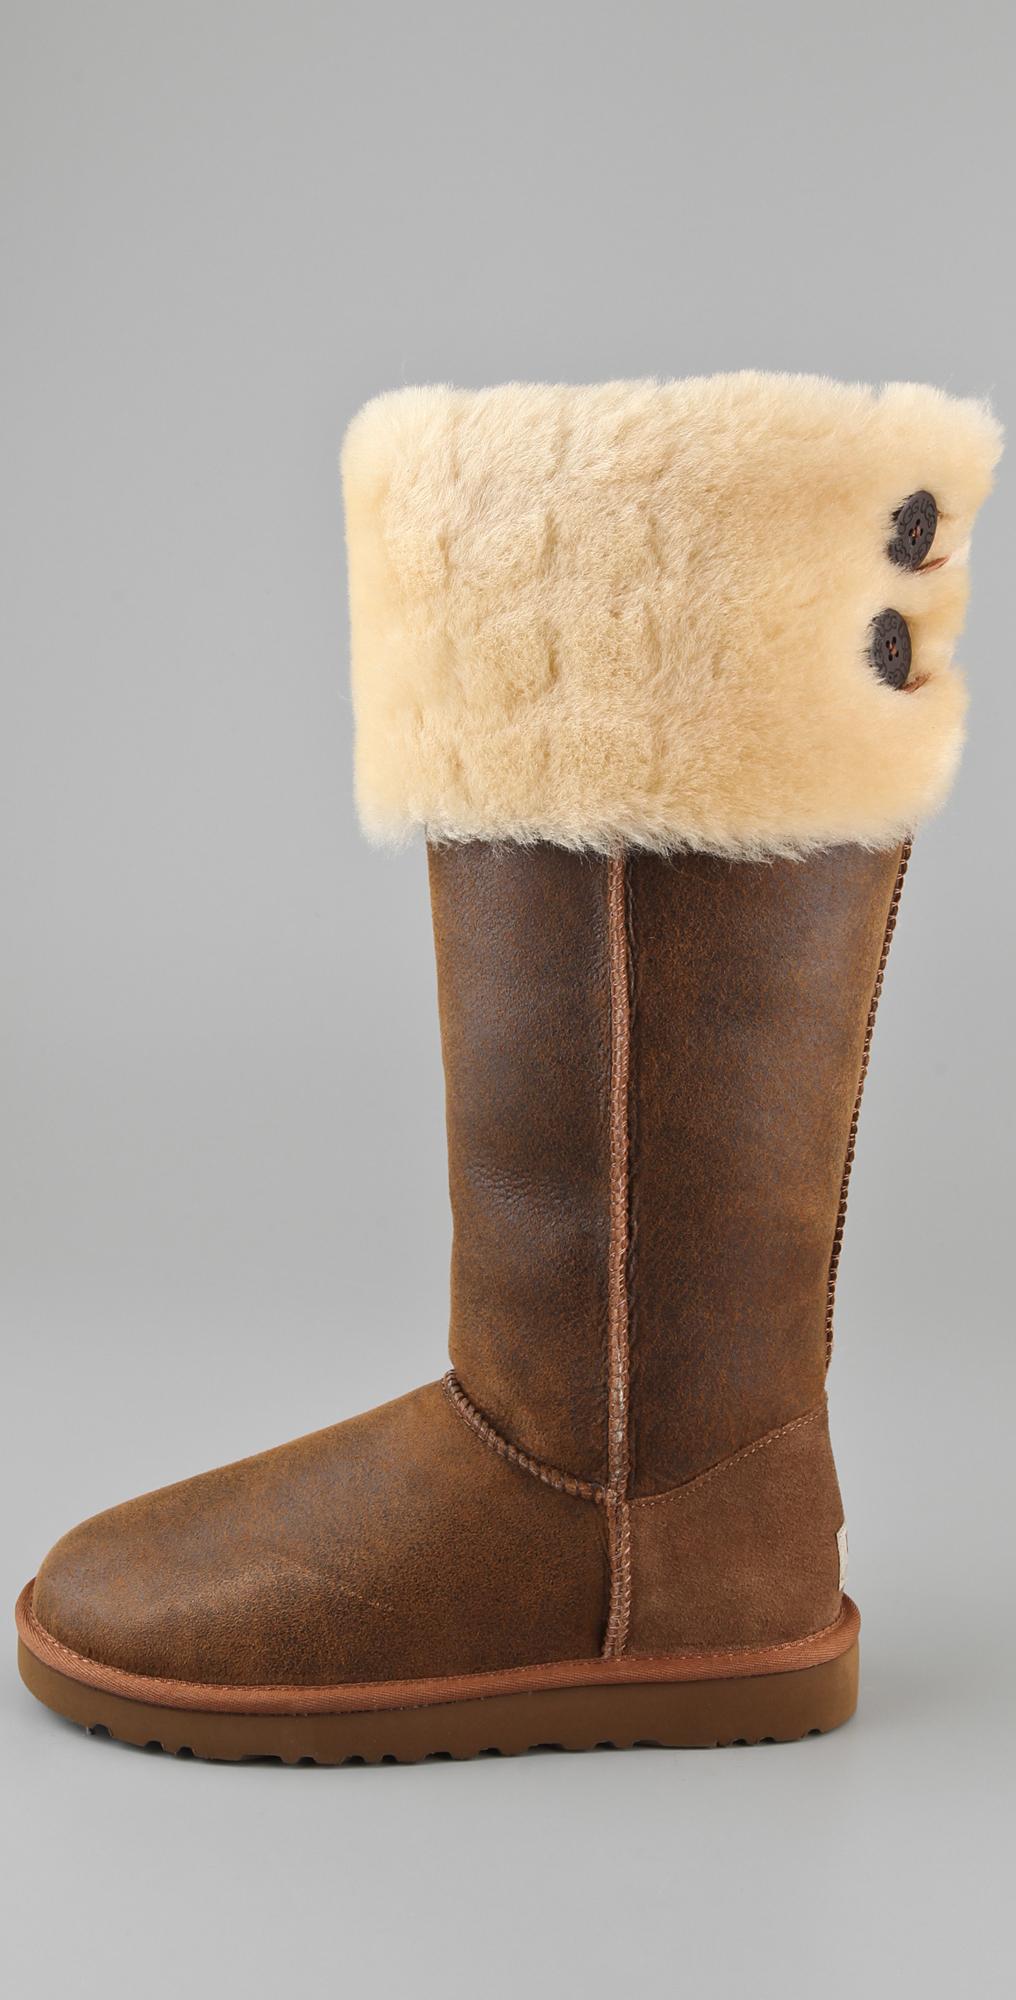 6bcb81acaa4 UGG Australia Over the Knee Bailey Button Boots | SHOPBOP